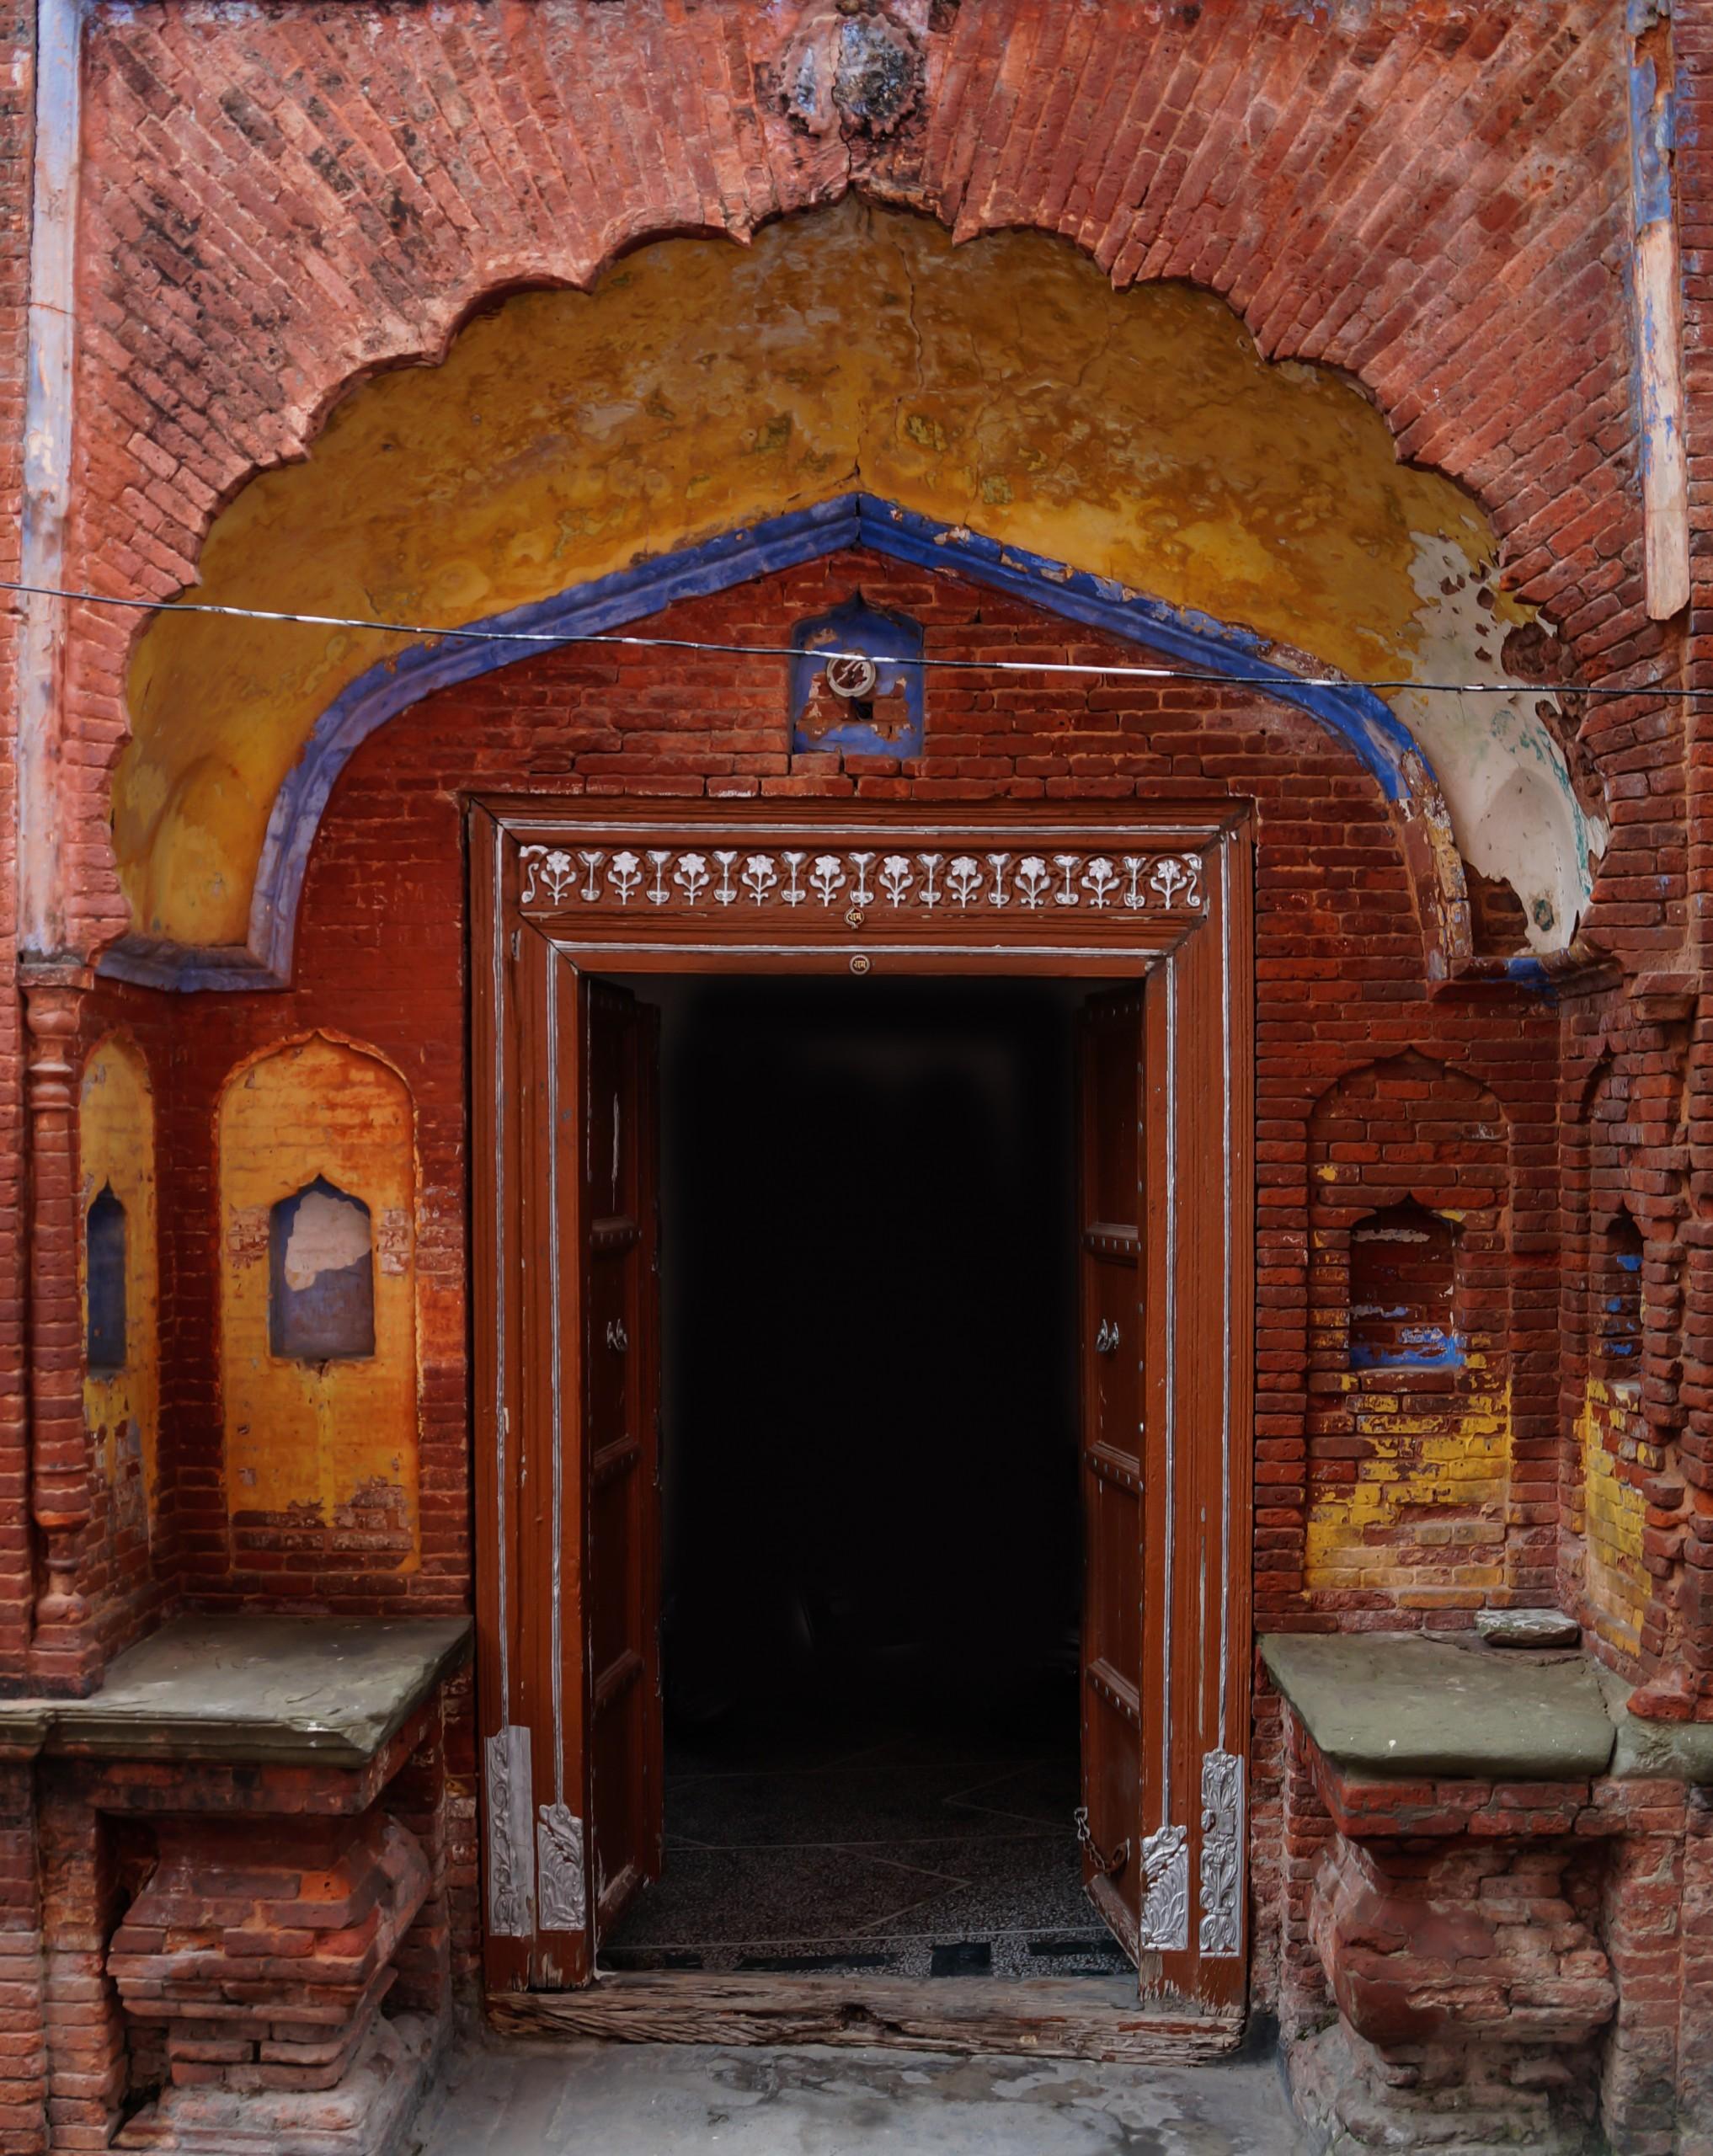 Vintage Door with Red Bricks